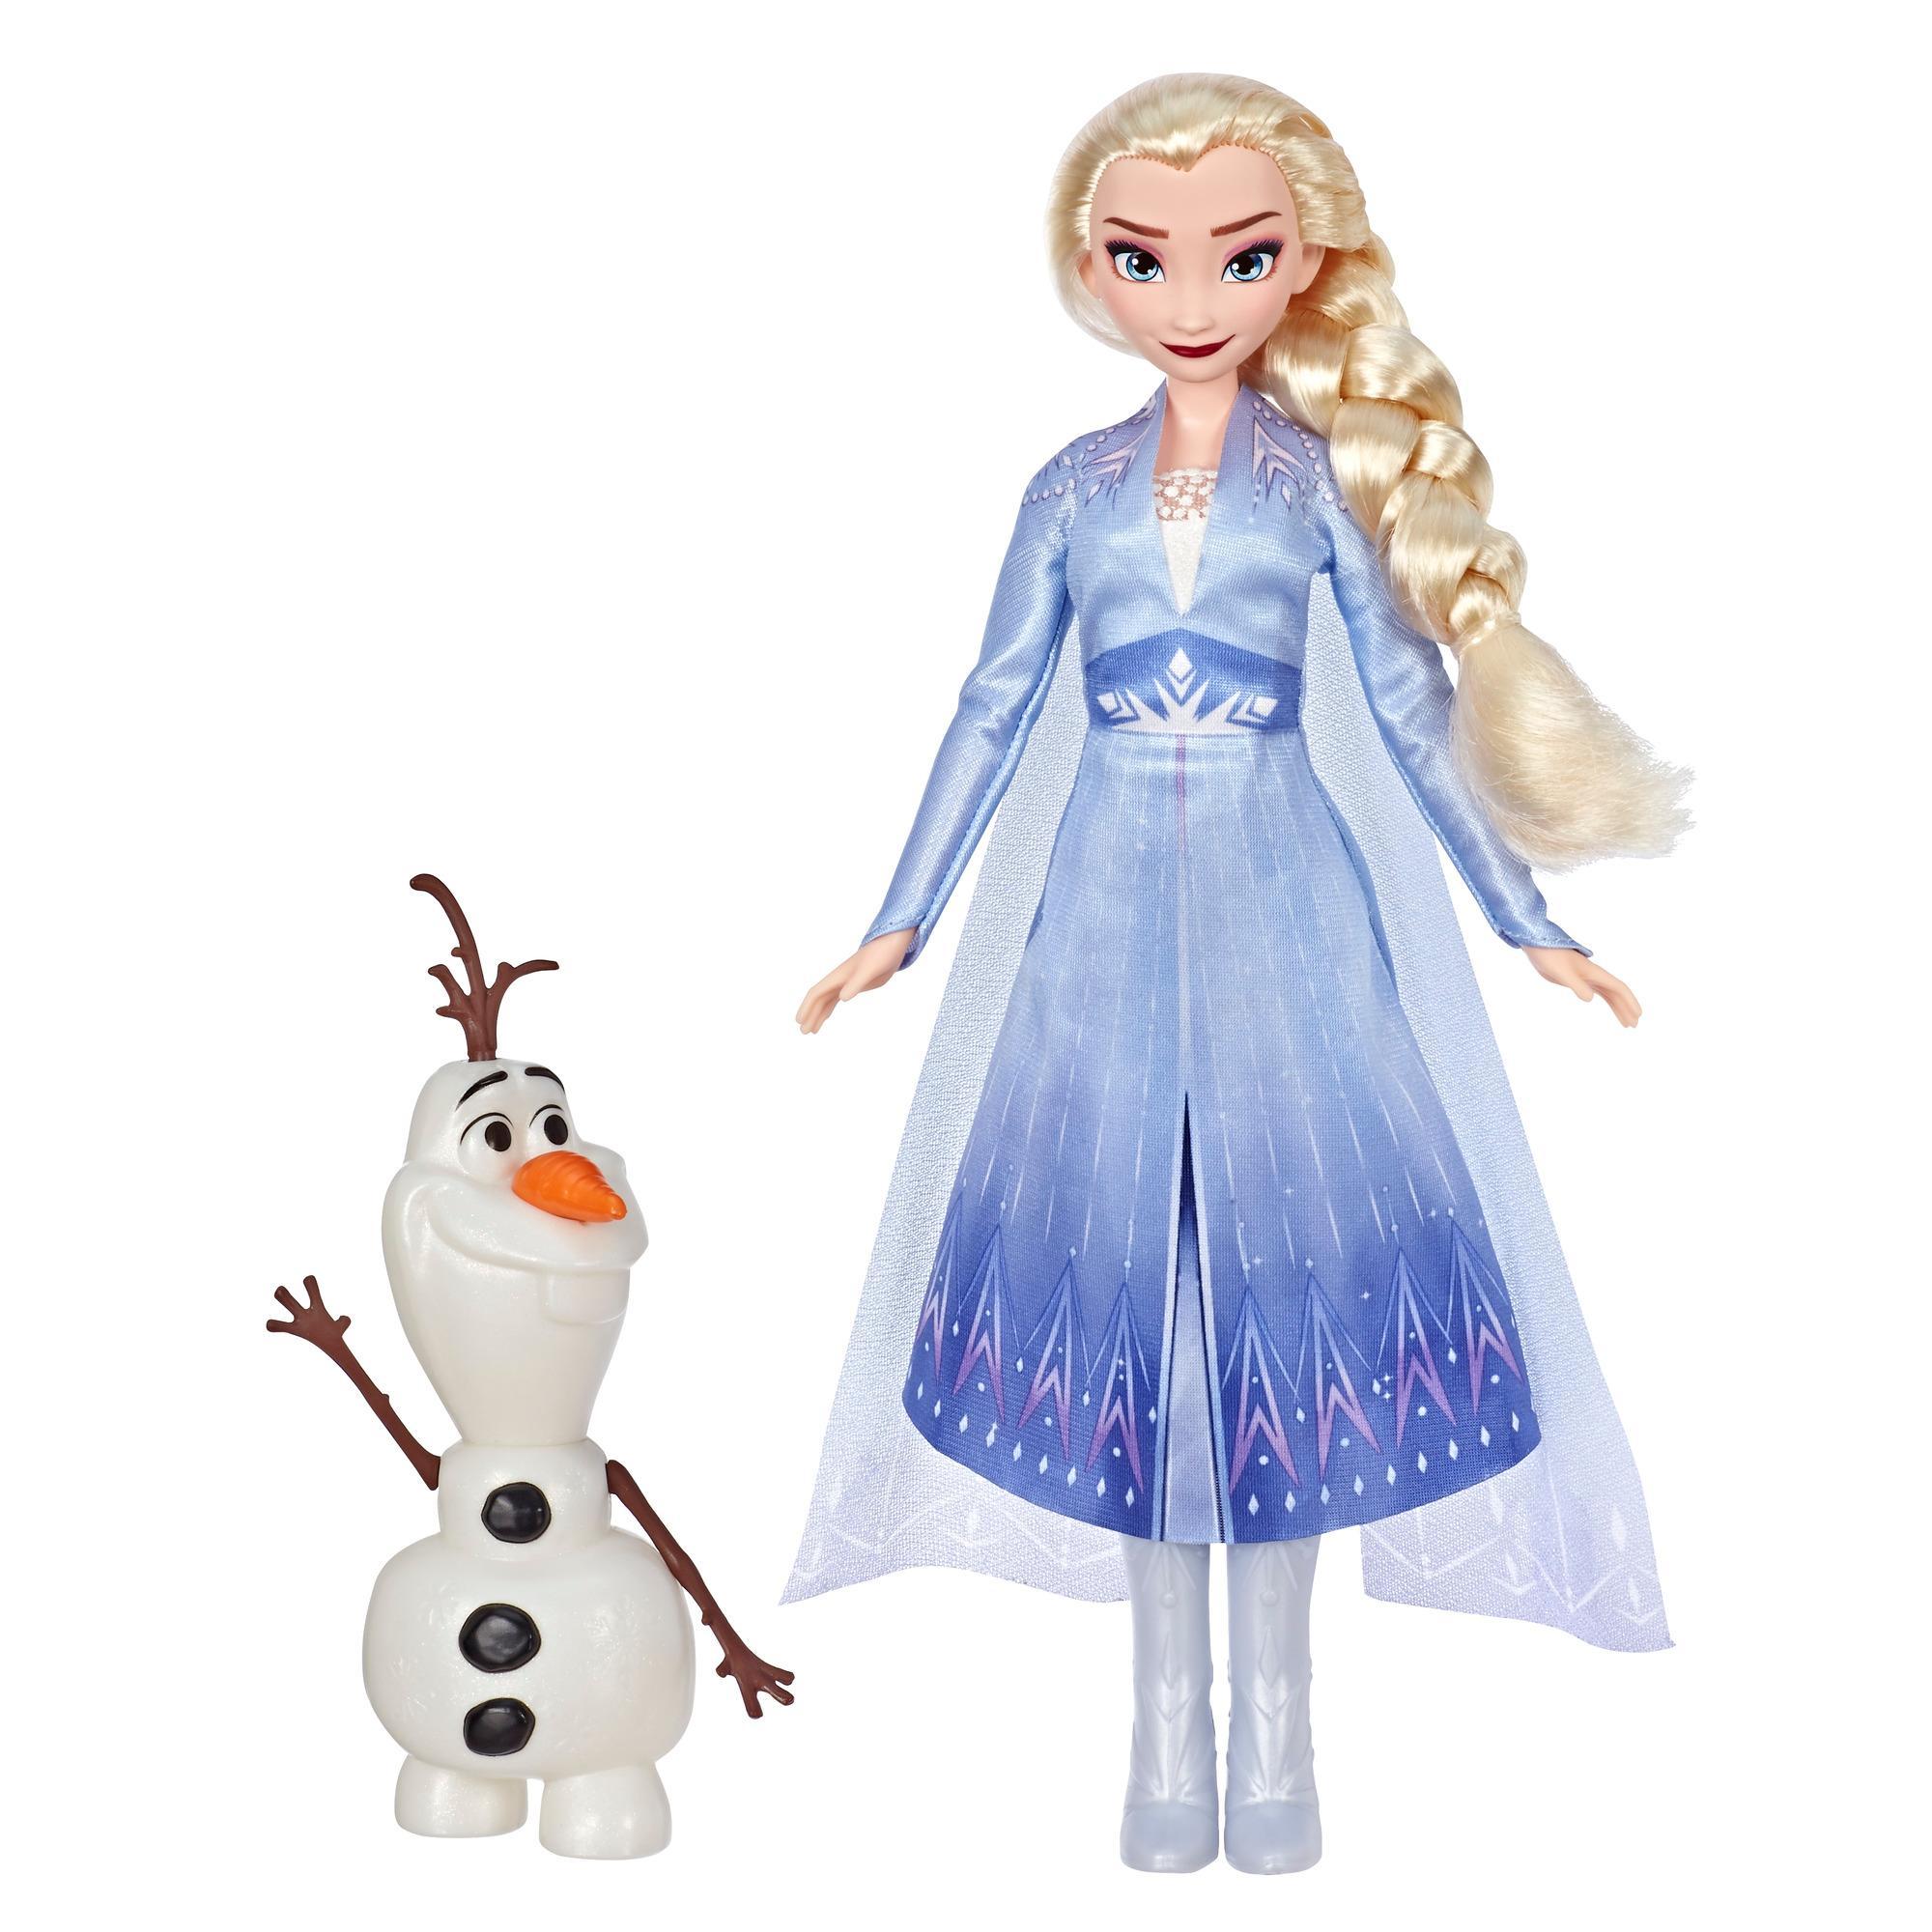 Disney Die Eiskönigin Elsa und Olaf, Modepuppe mit Freund, mit langem blondem Haar und blauem Outfit zu Die Eiskönigin 2